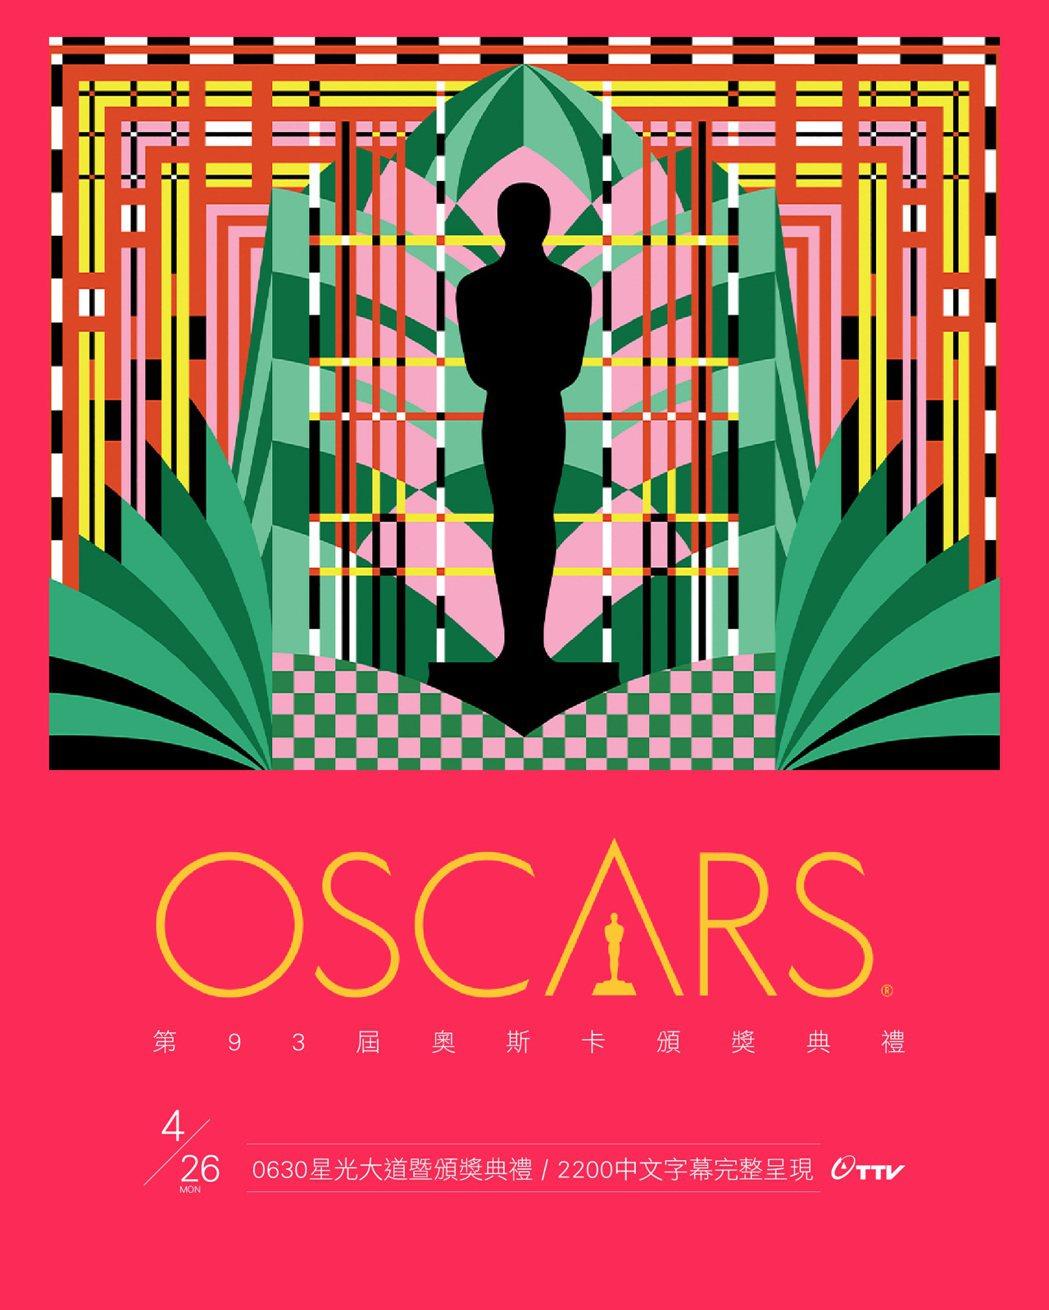 第93屆奧斯卡頒獎典禮因洛杉磯已在日光節約時間,台灣轉播比往年提前。圖/台視提供